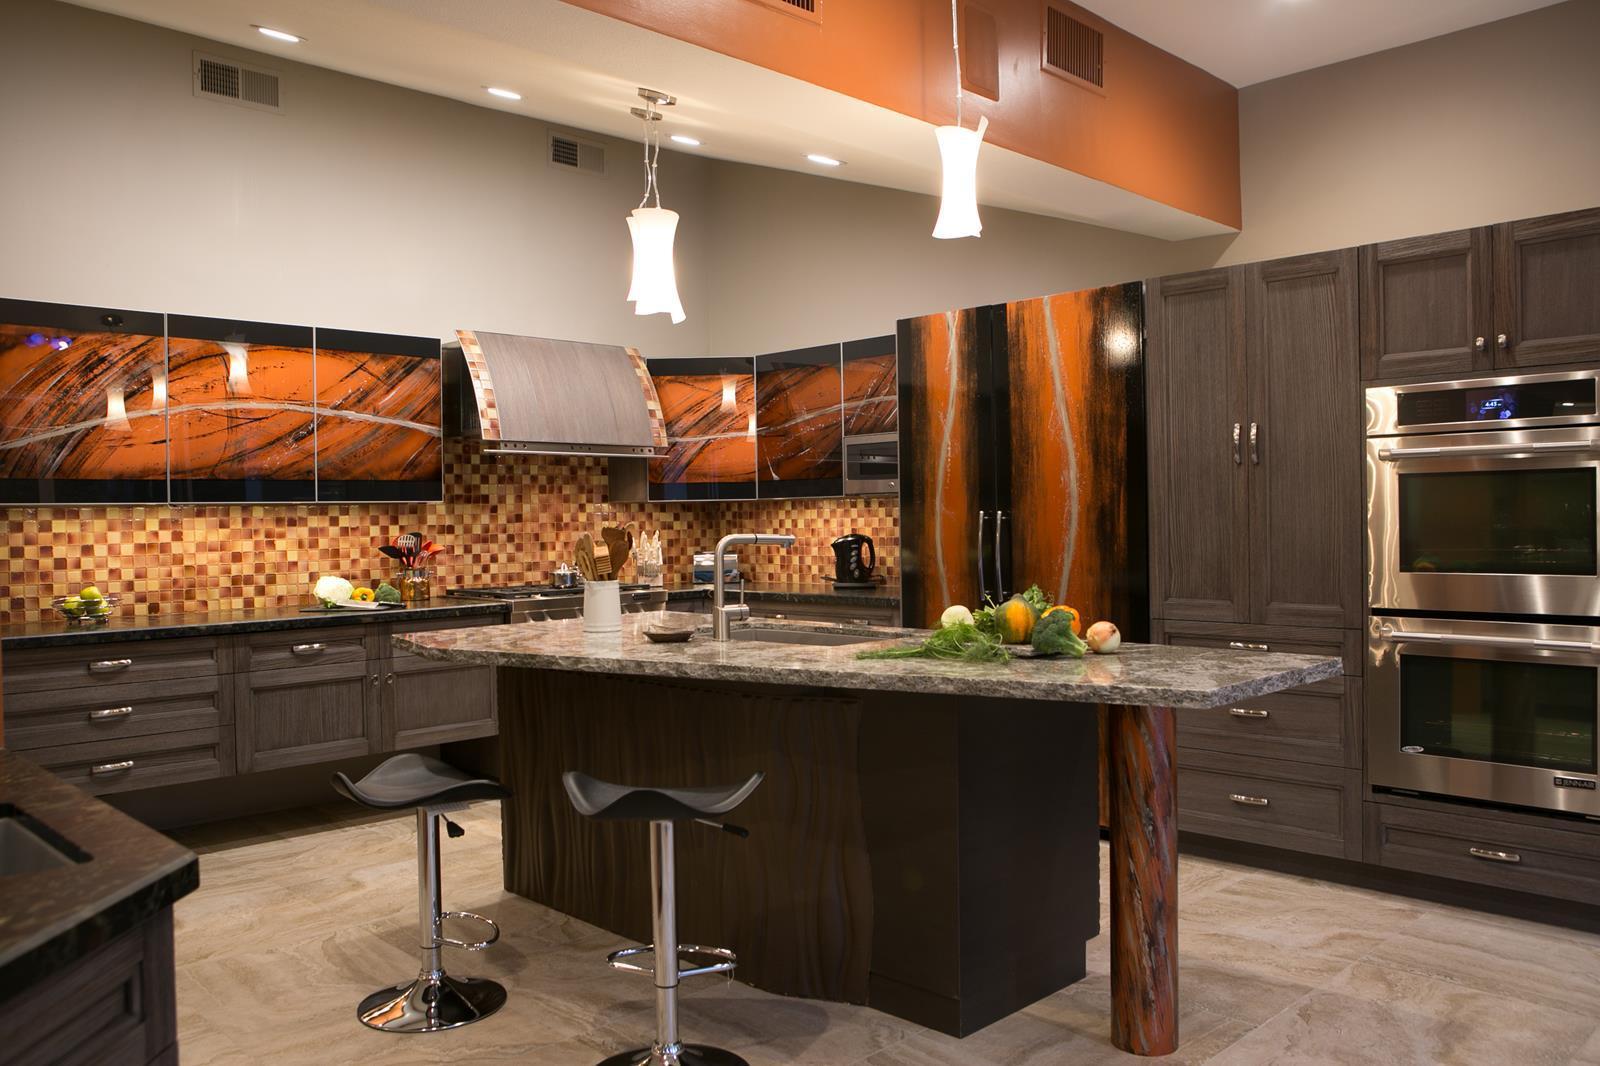 Kitchens Baths By Lynn Indian Wells Ca Awards